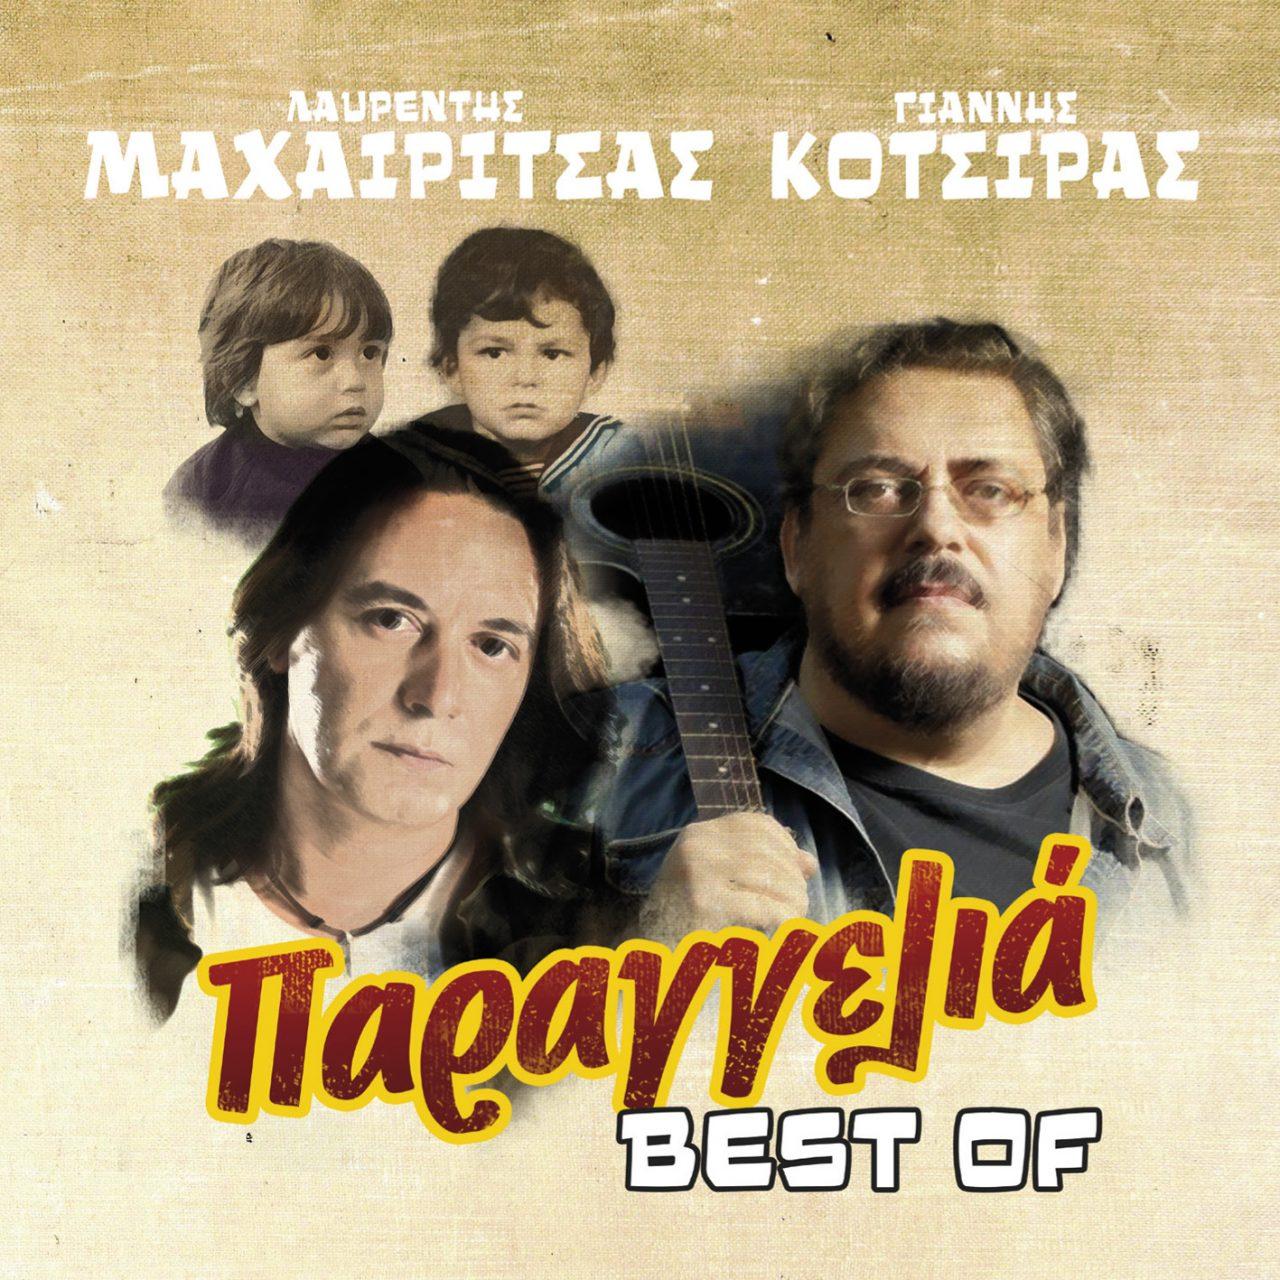 """""""Παραγγελιά Best of"""": Άκουσε το νέο live album του Λαυρέντη Μαχαιρίτσα και του Γιάννη Κότσιρα"""